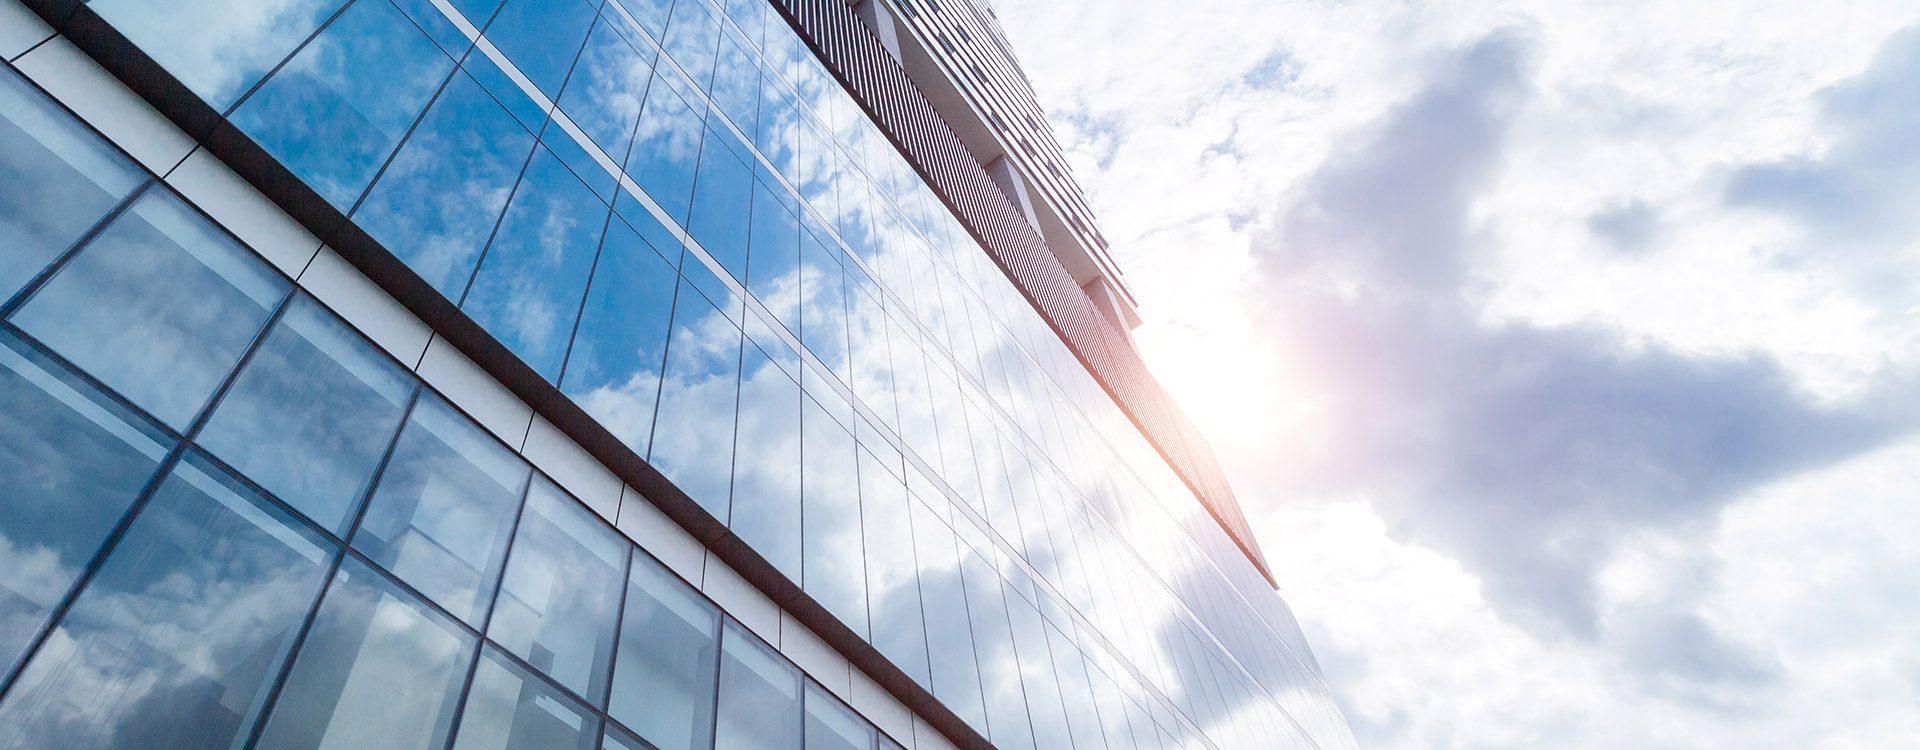 Fensterfolien auf Hochhaus für UV-Schutz, Sonnenschutz und Hitzeschutz